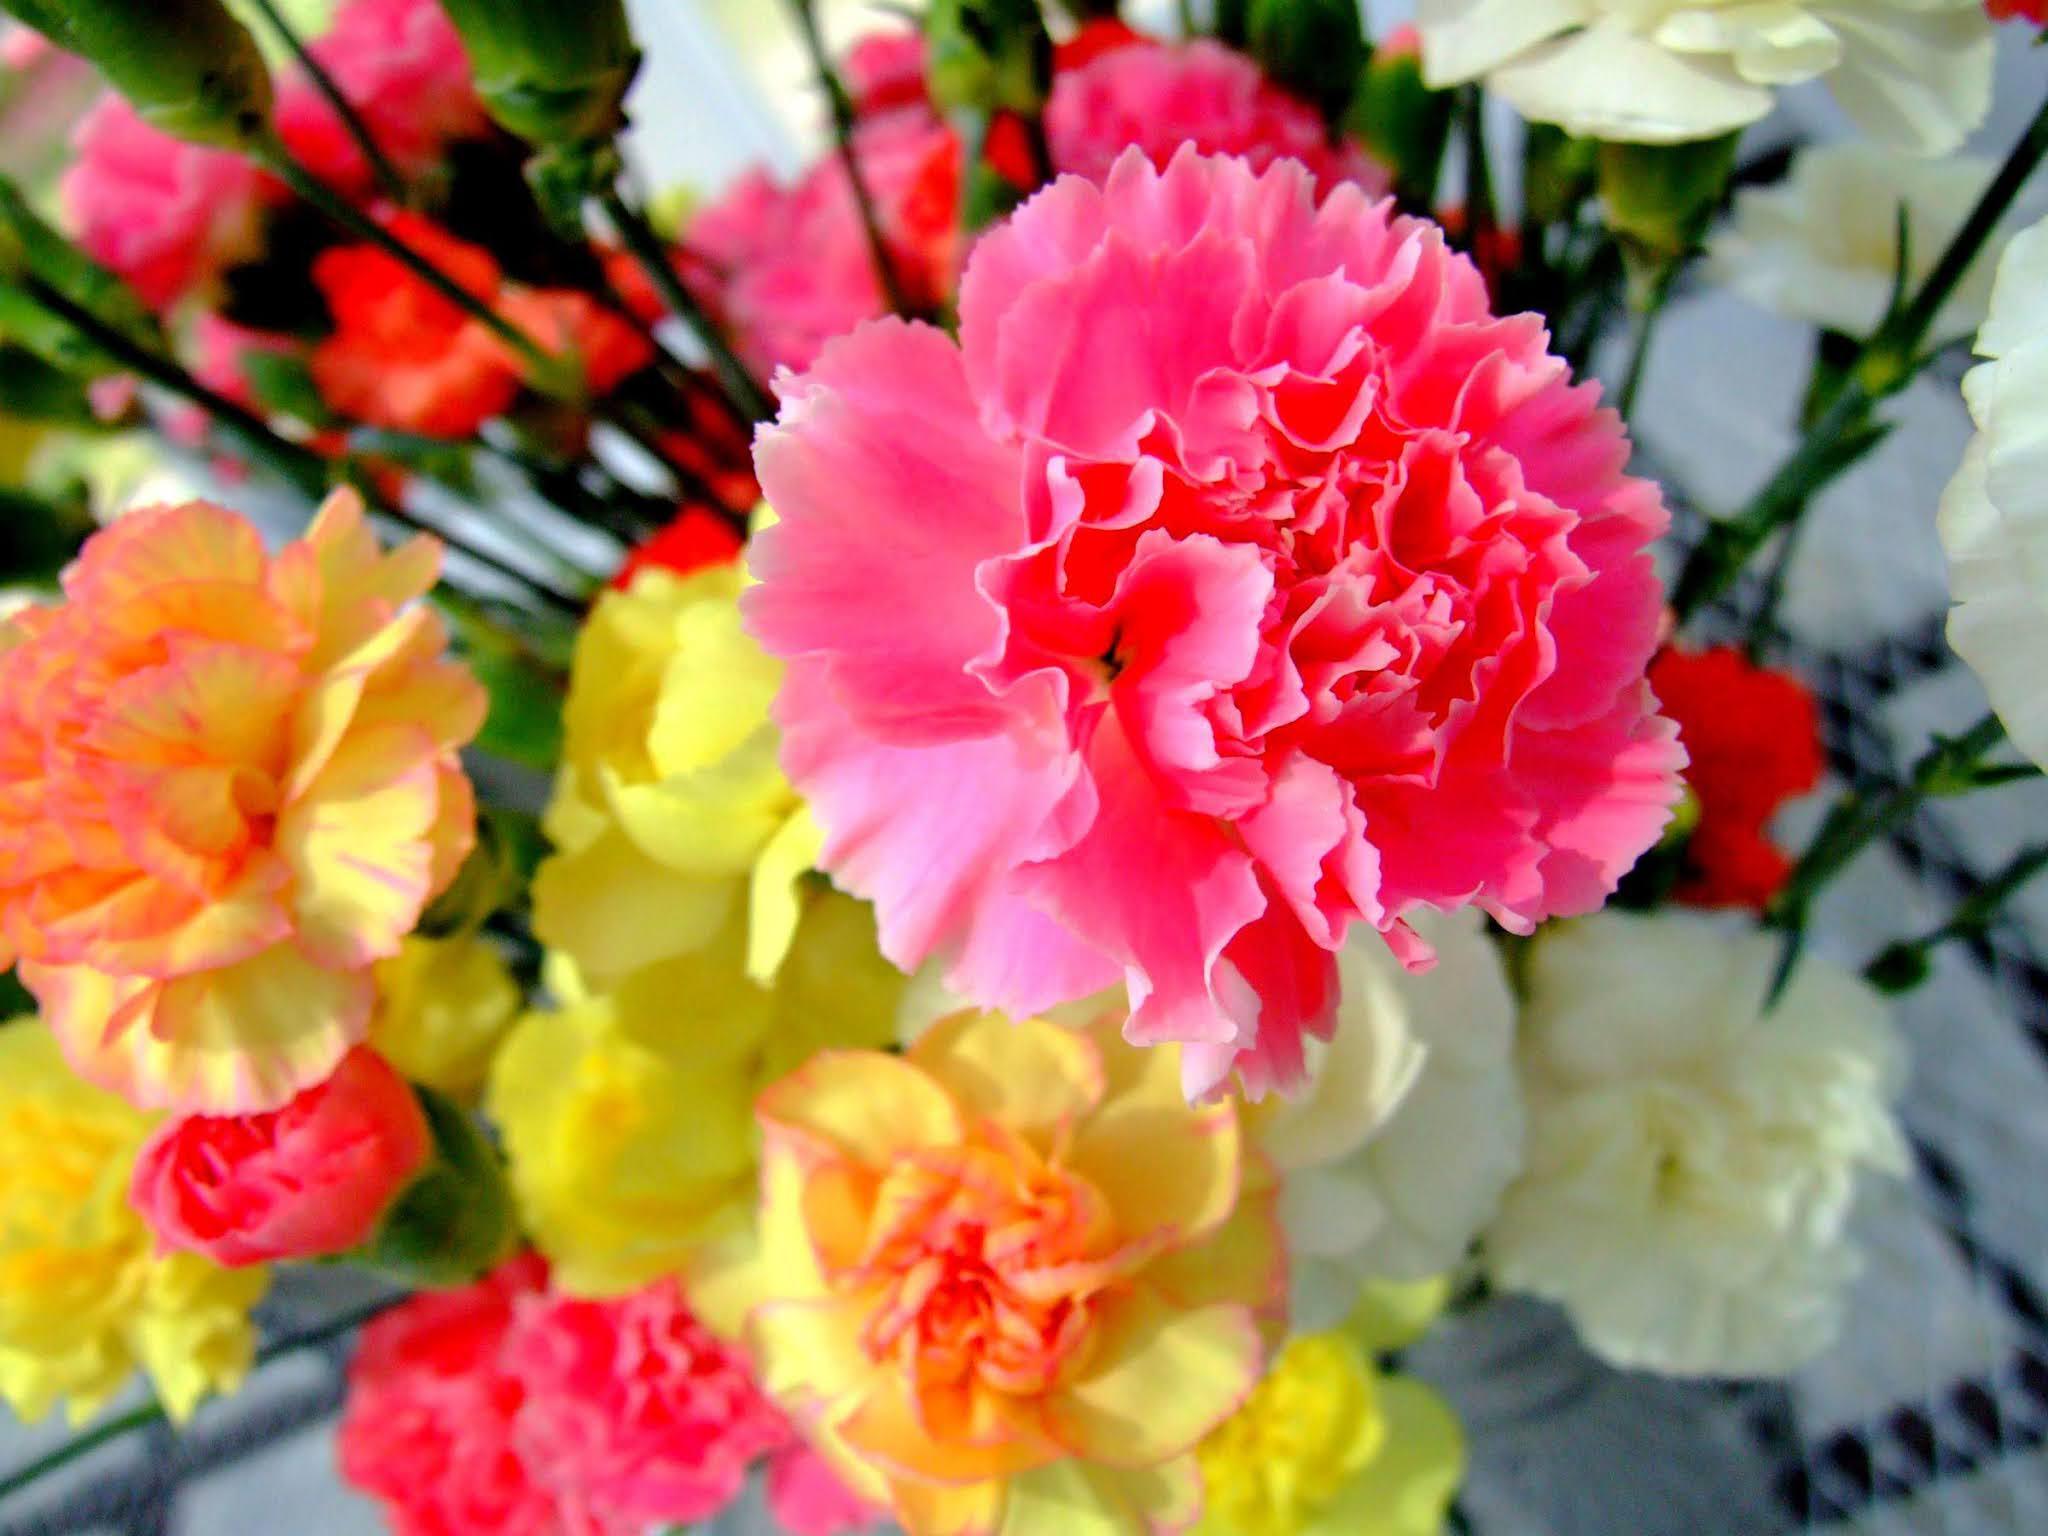 ビビットなピンクと黄色と白のコントラストが美しい、カーネーションの花束の写真素材です。母の日のアイキャッチなどにおすすめですよ。